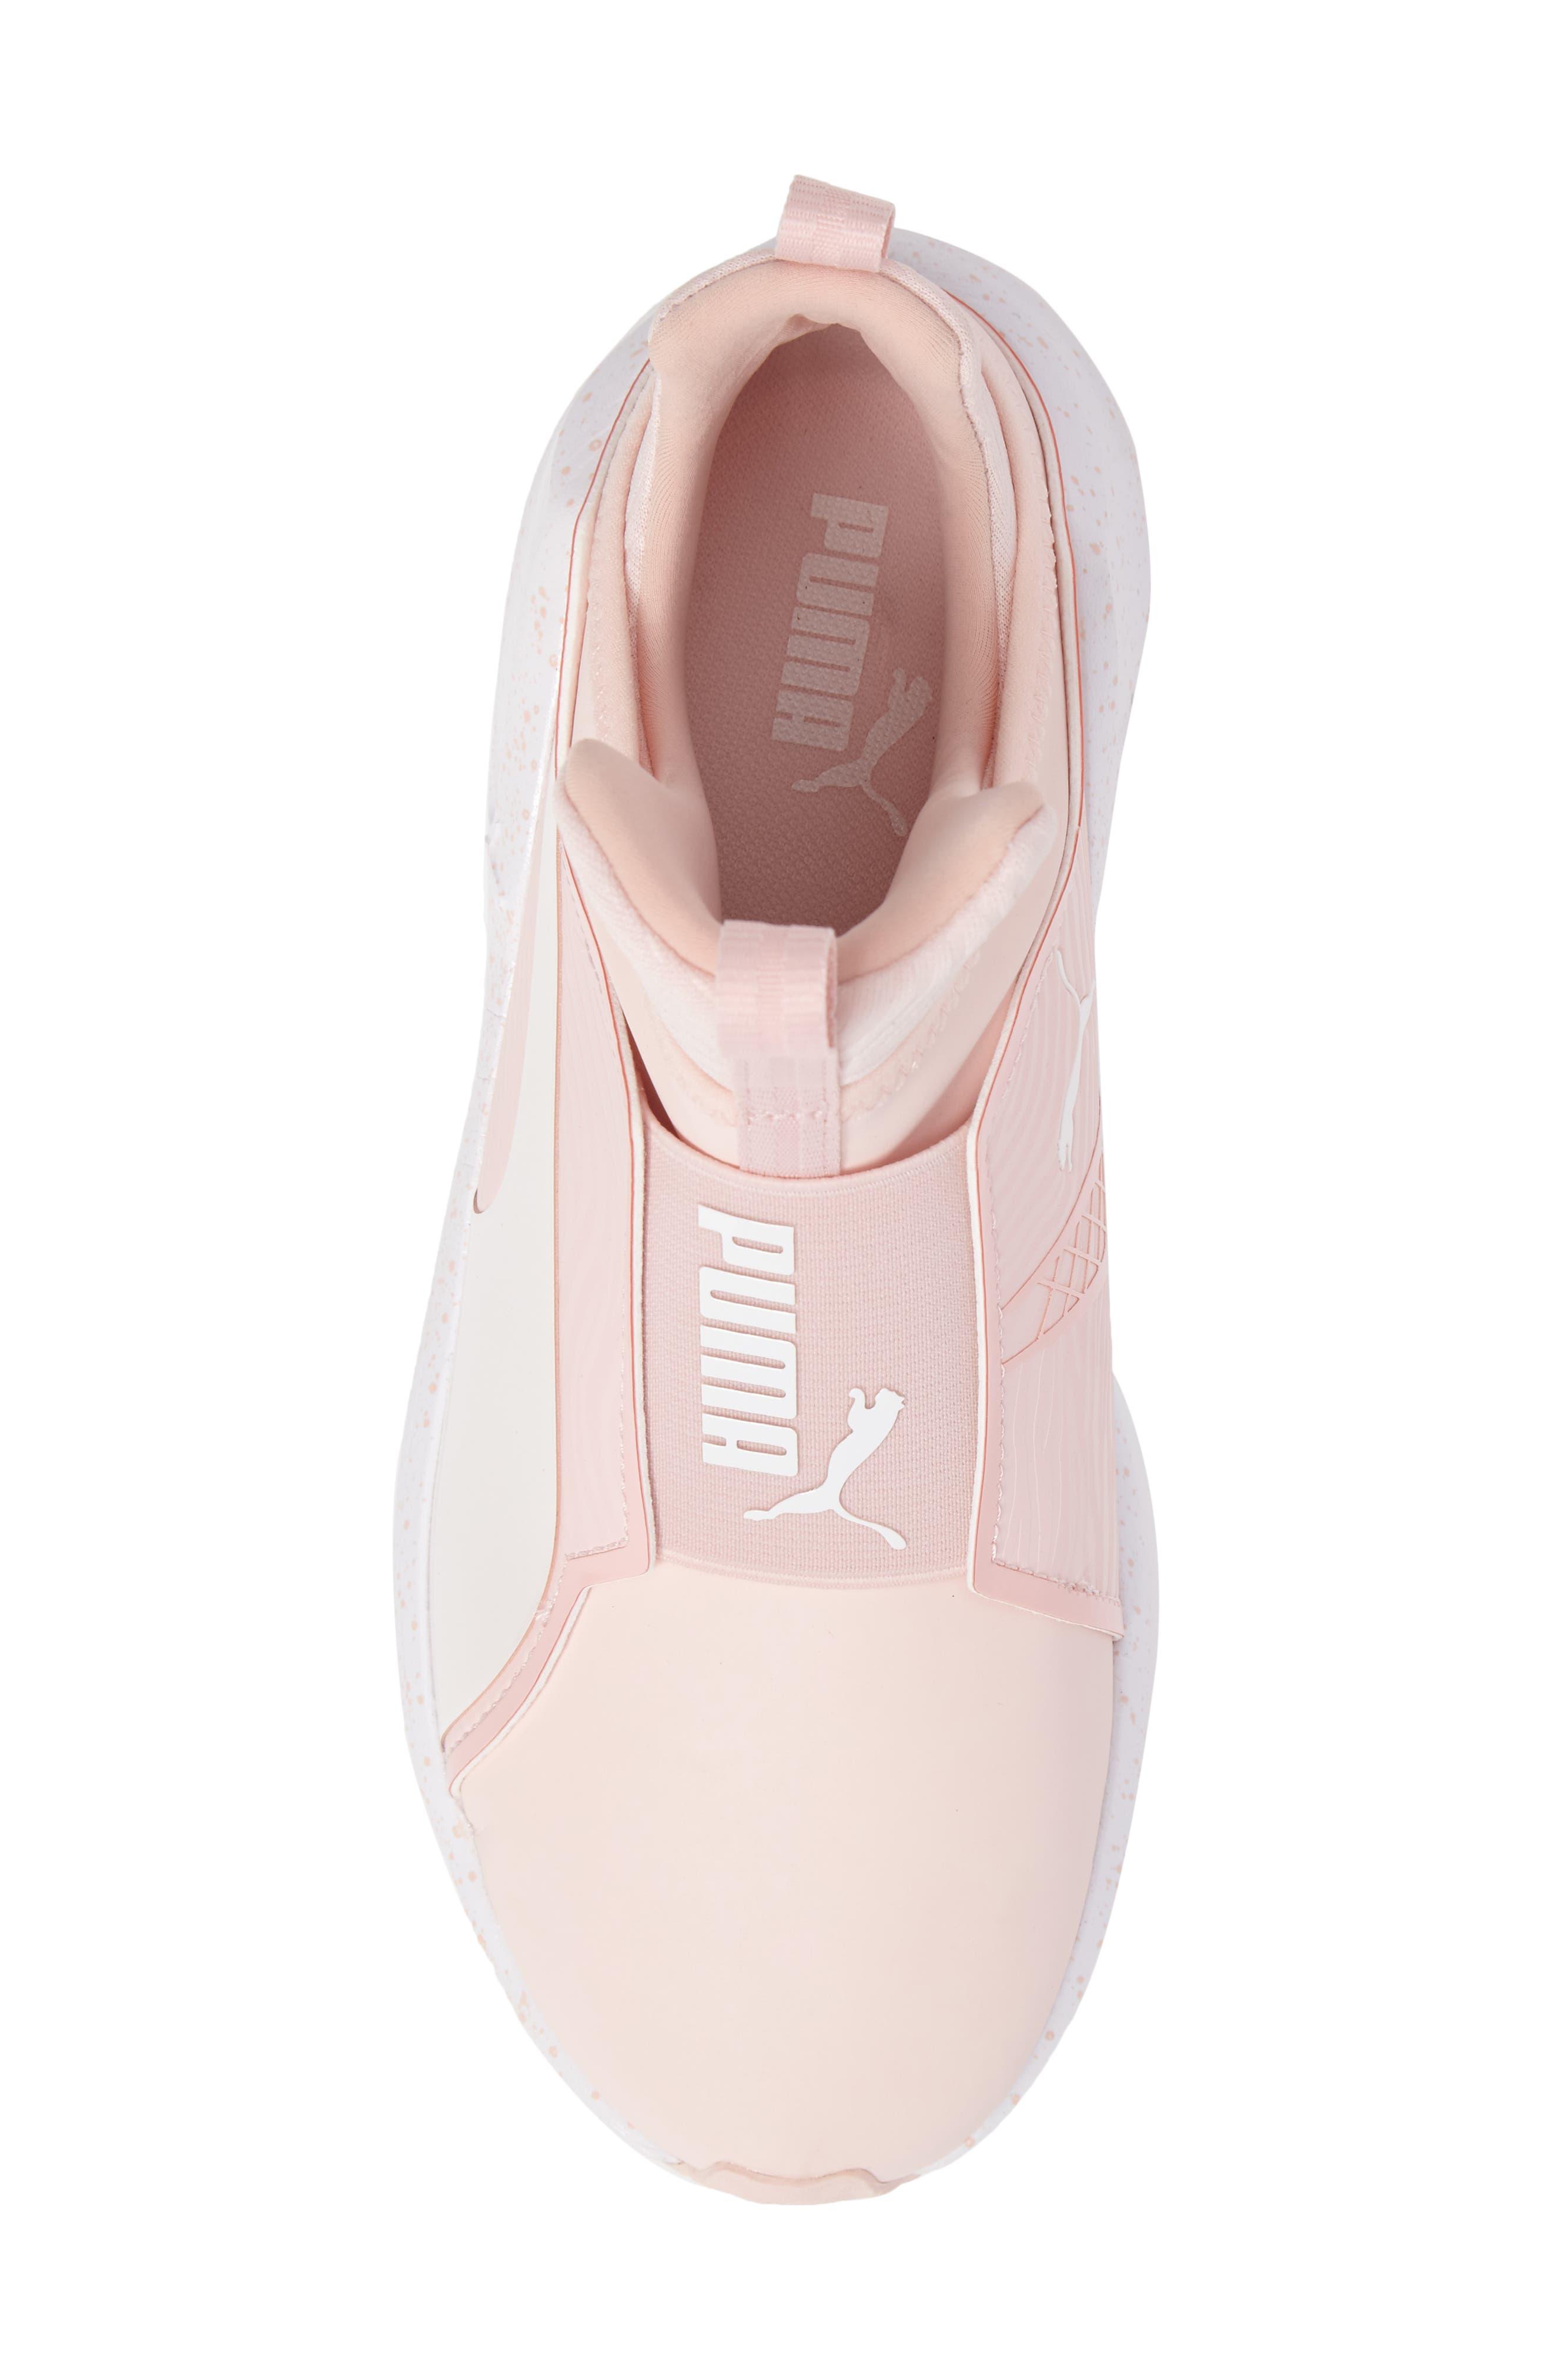 Fierce Bleached High Top Sneaker,                             Alternate thumbnail 5, color,                             Veiled Rose/ Whisper White